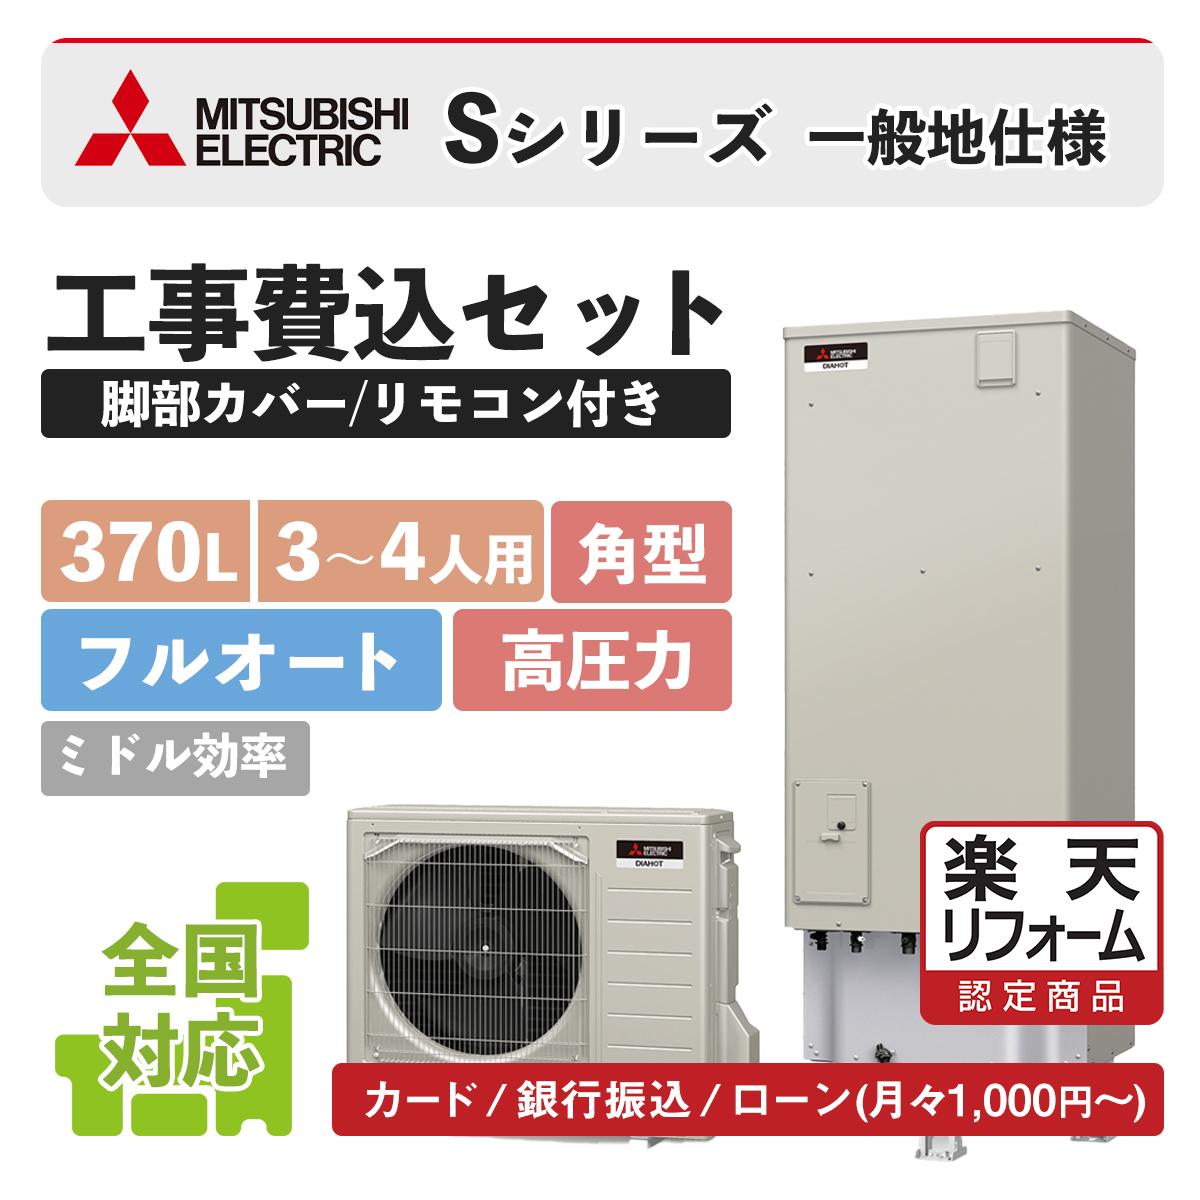 【リフォーム認定商品】SRT-S374UA 三菱Sシリーズ 高圧角型ミドル効率 370L エコキュート工事費込み!全国対応!リモコンセット,給湯器,フルオート,ハイパワー